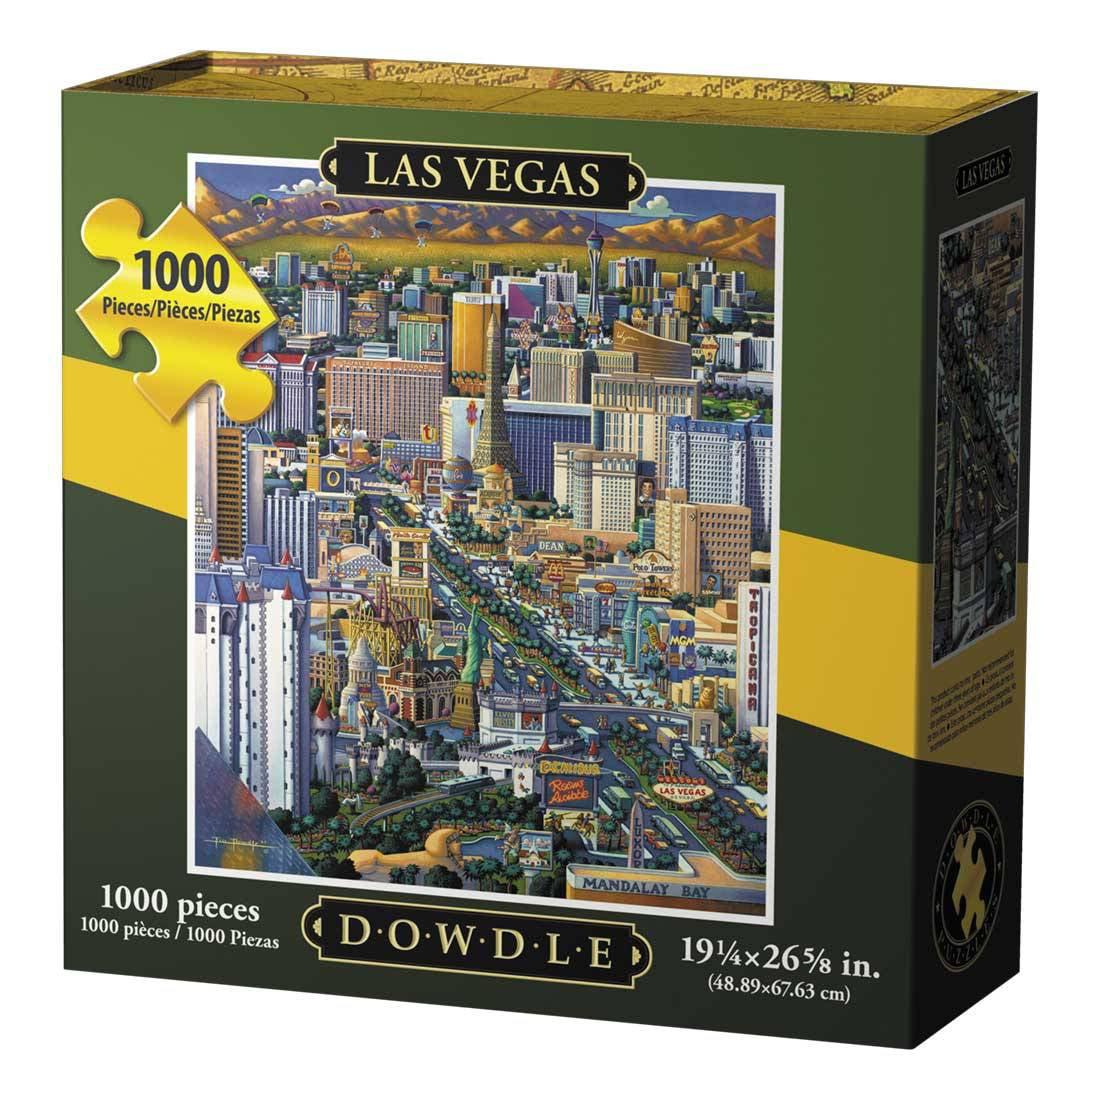 Dowdle Jigsaw Puzzle Las Vegas 1000 Piece by Dowdle Folk Art